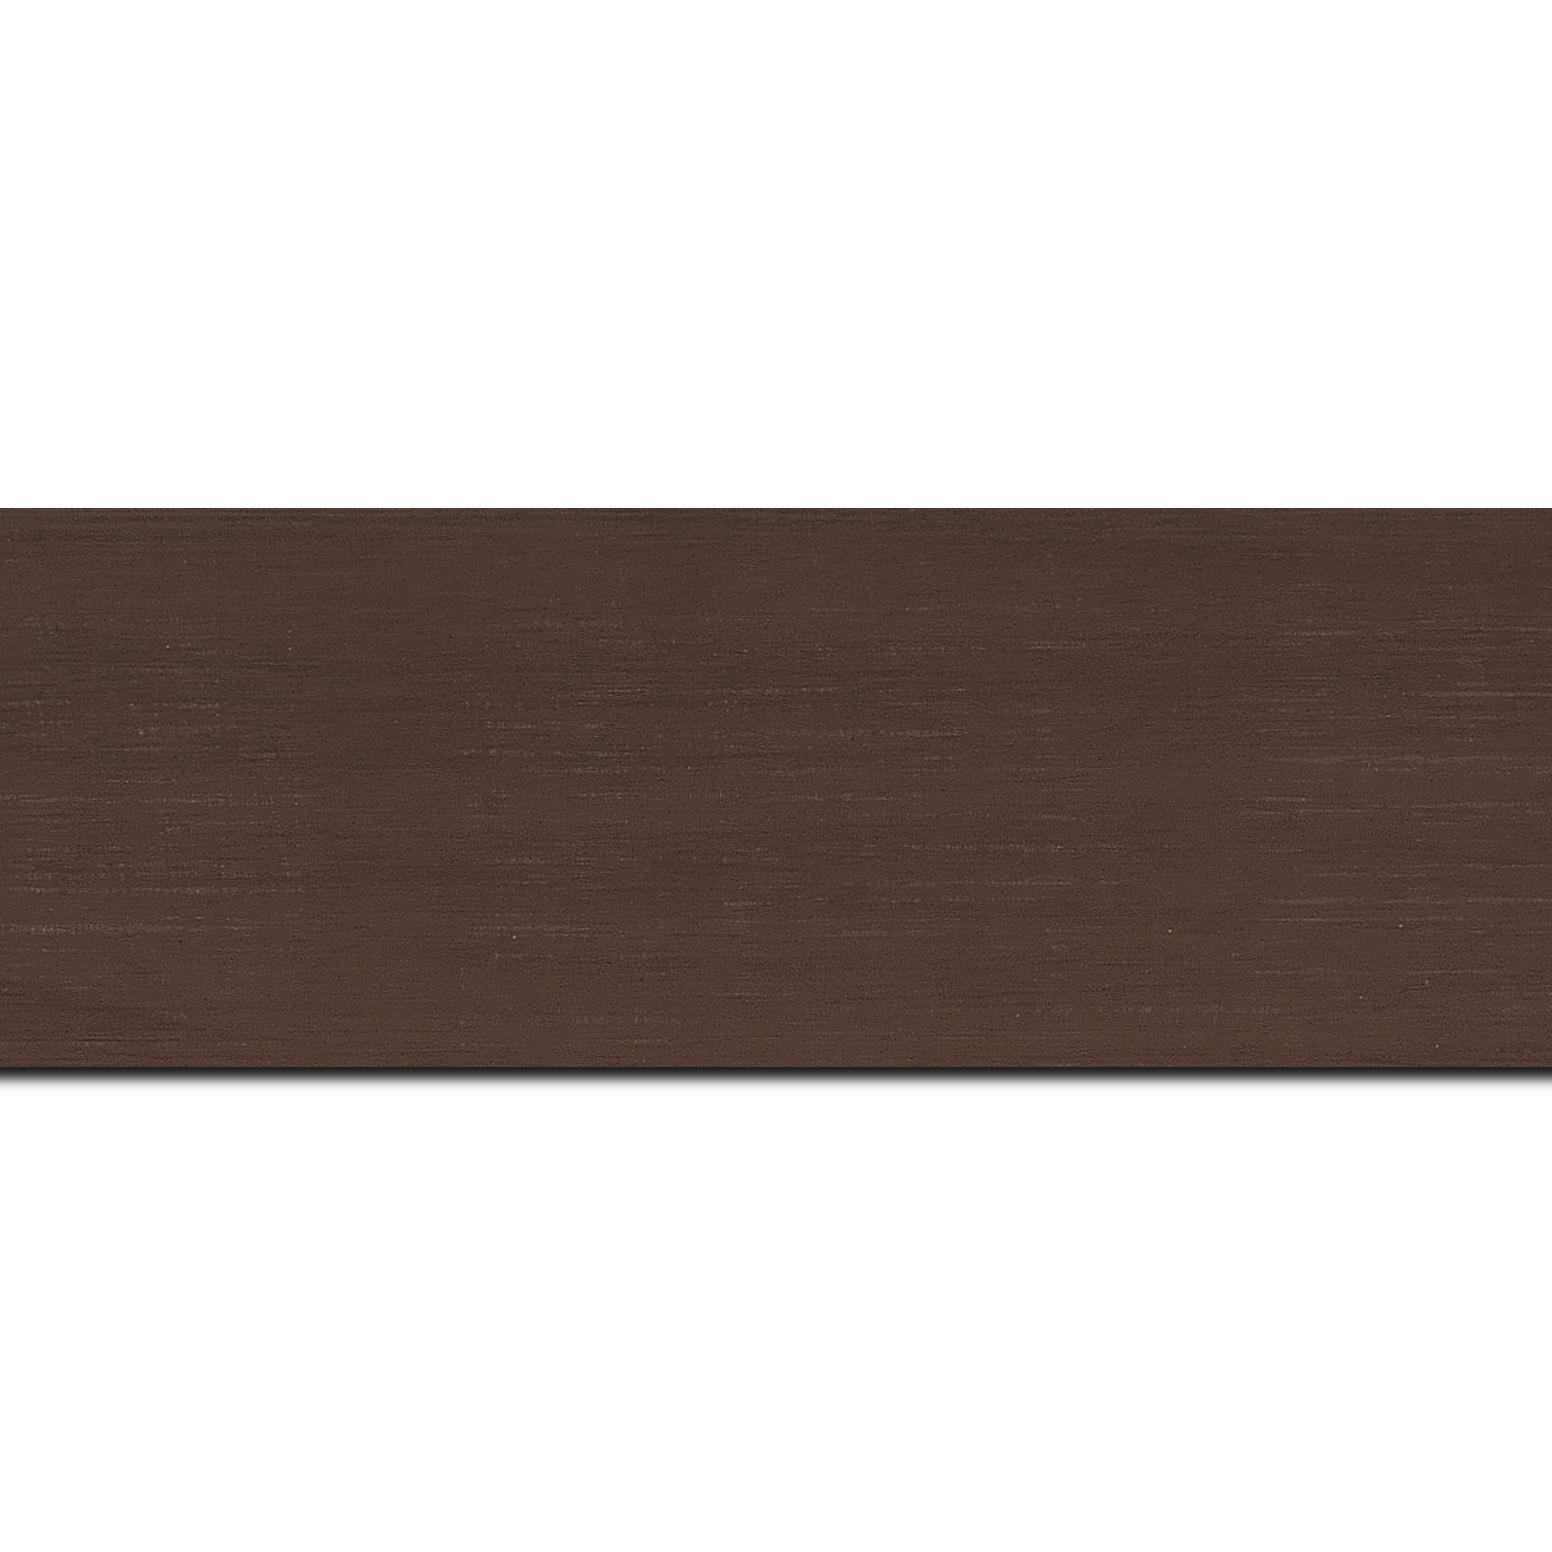 Pack par 12m, bois profil plat largeur 6cm chocolat satiné effet veiné ,chant extérieur du cadre de couleur noire(longueur baguette pouvant varier entre 2.40m et 3m selon arrivage des bois)